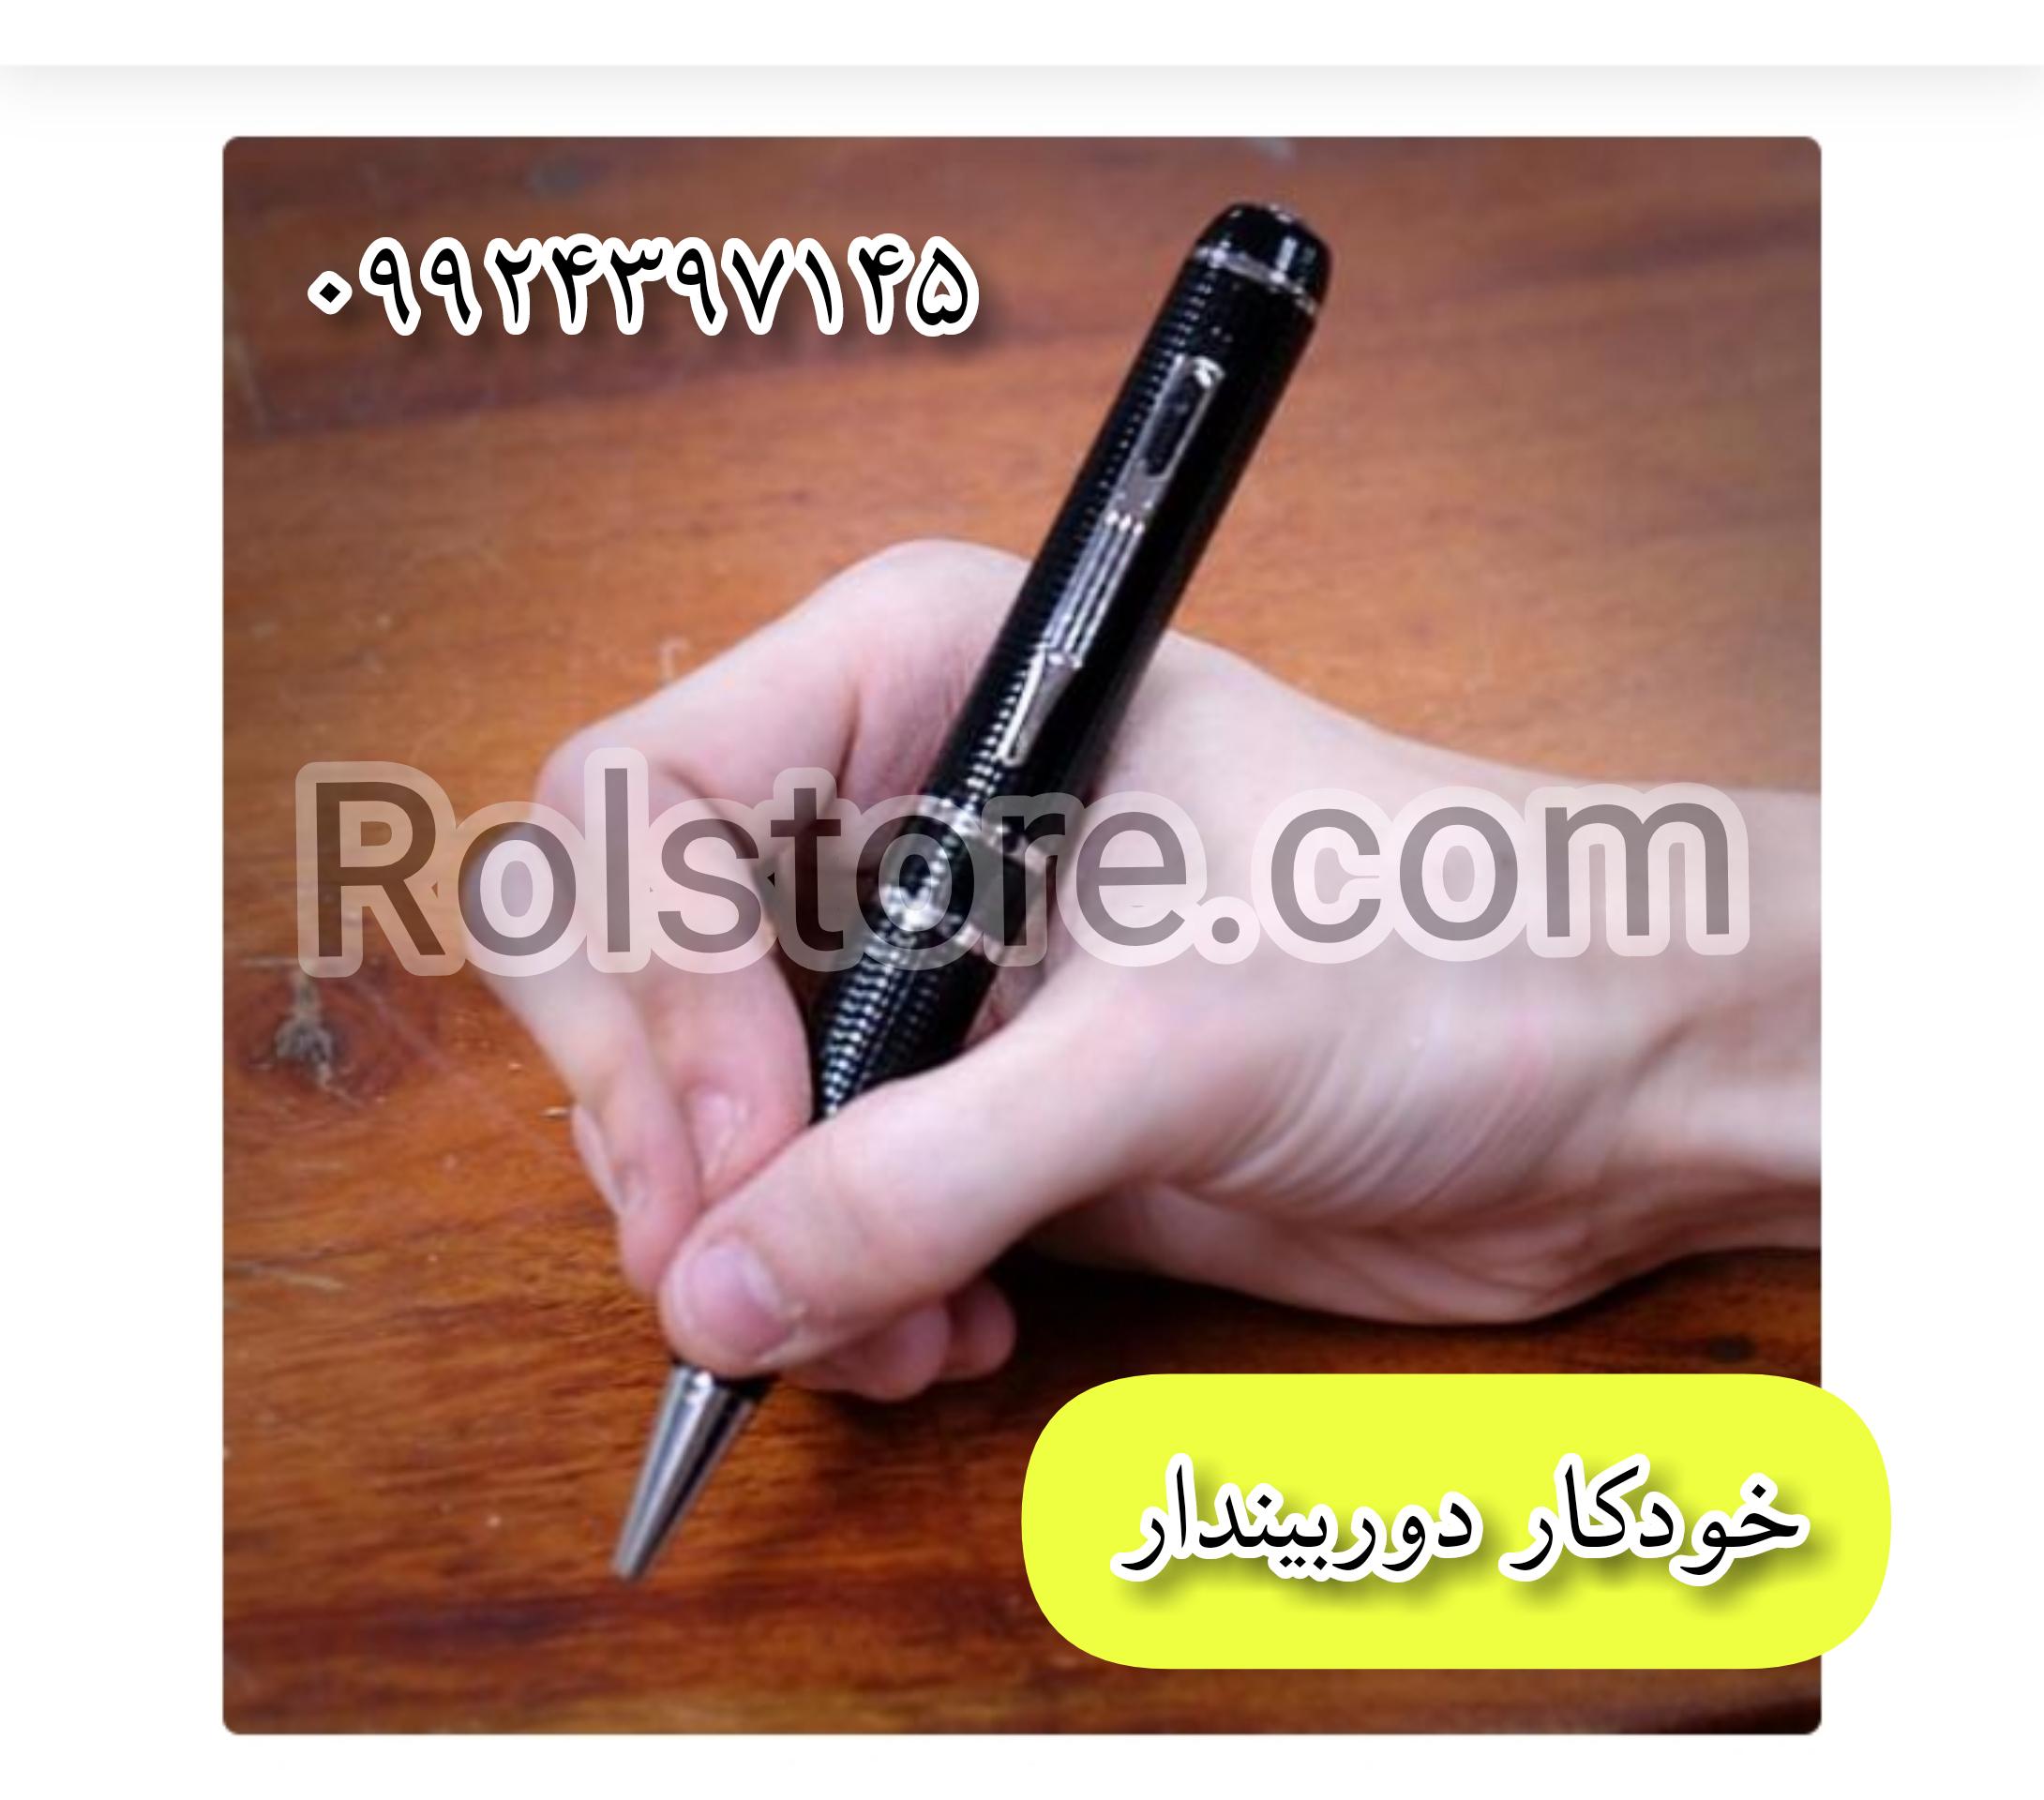 قلم دوربیندار/۰۹۹۲۴۳۹۷۱۴۵/خودکار دوربین دار hd اچ دی اصل سامسونگ